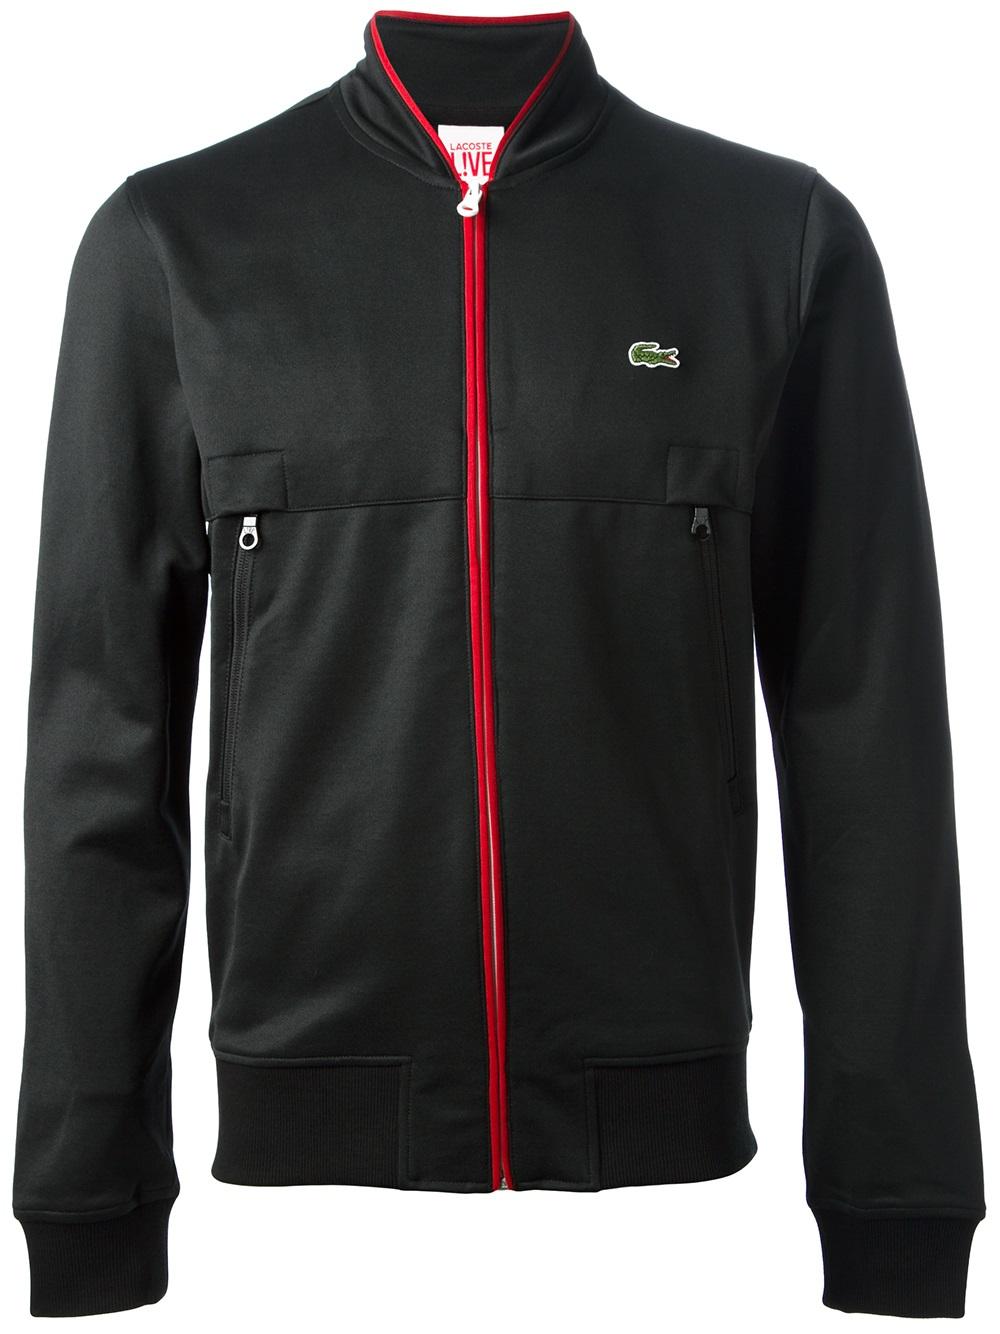 lacoste l ive sports jacket in black for men lyst. Black Bedroom Furniture Sets. Home Design Ideas